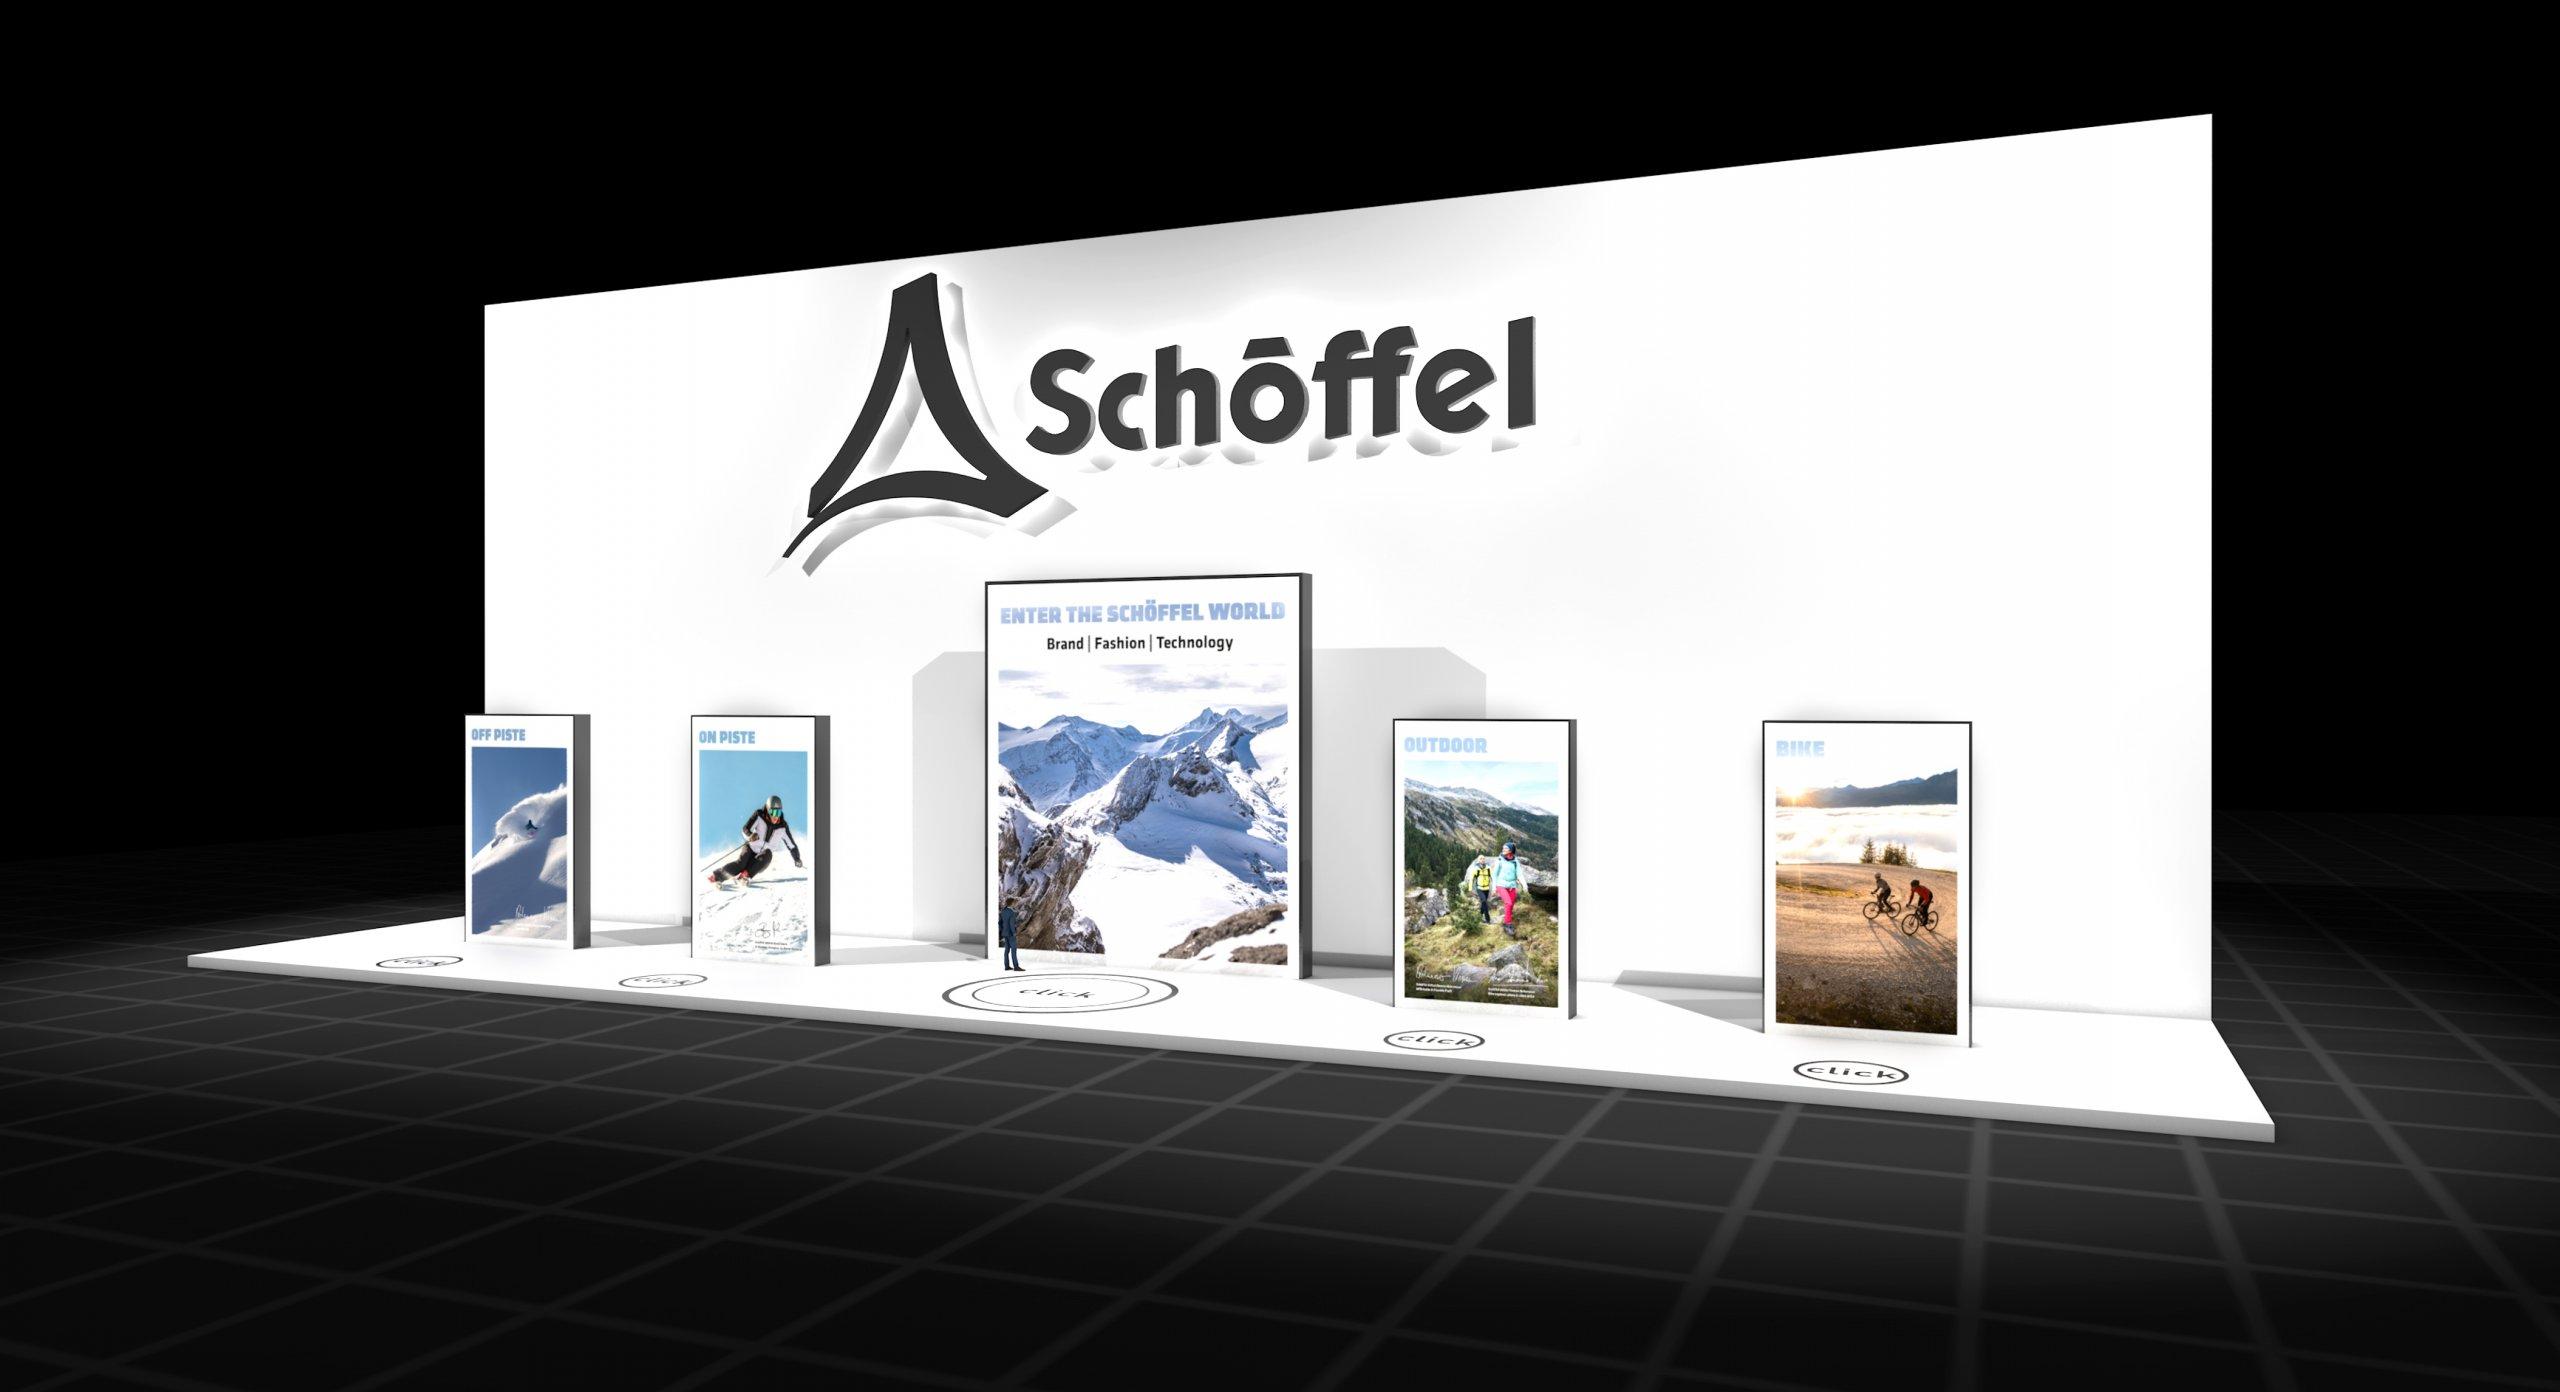 Virtuellen Markenraum von Schöffel (Foto: Meplan GmbH)